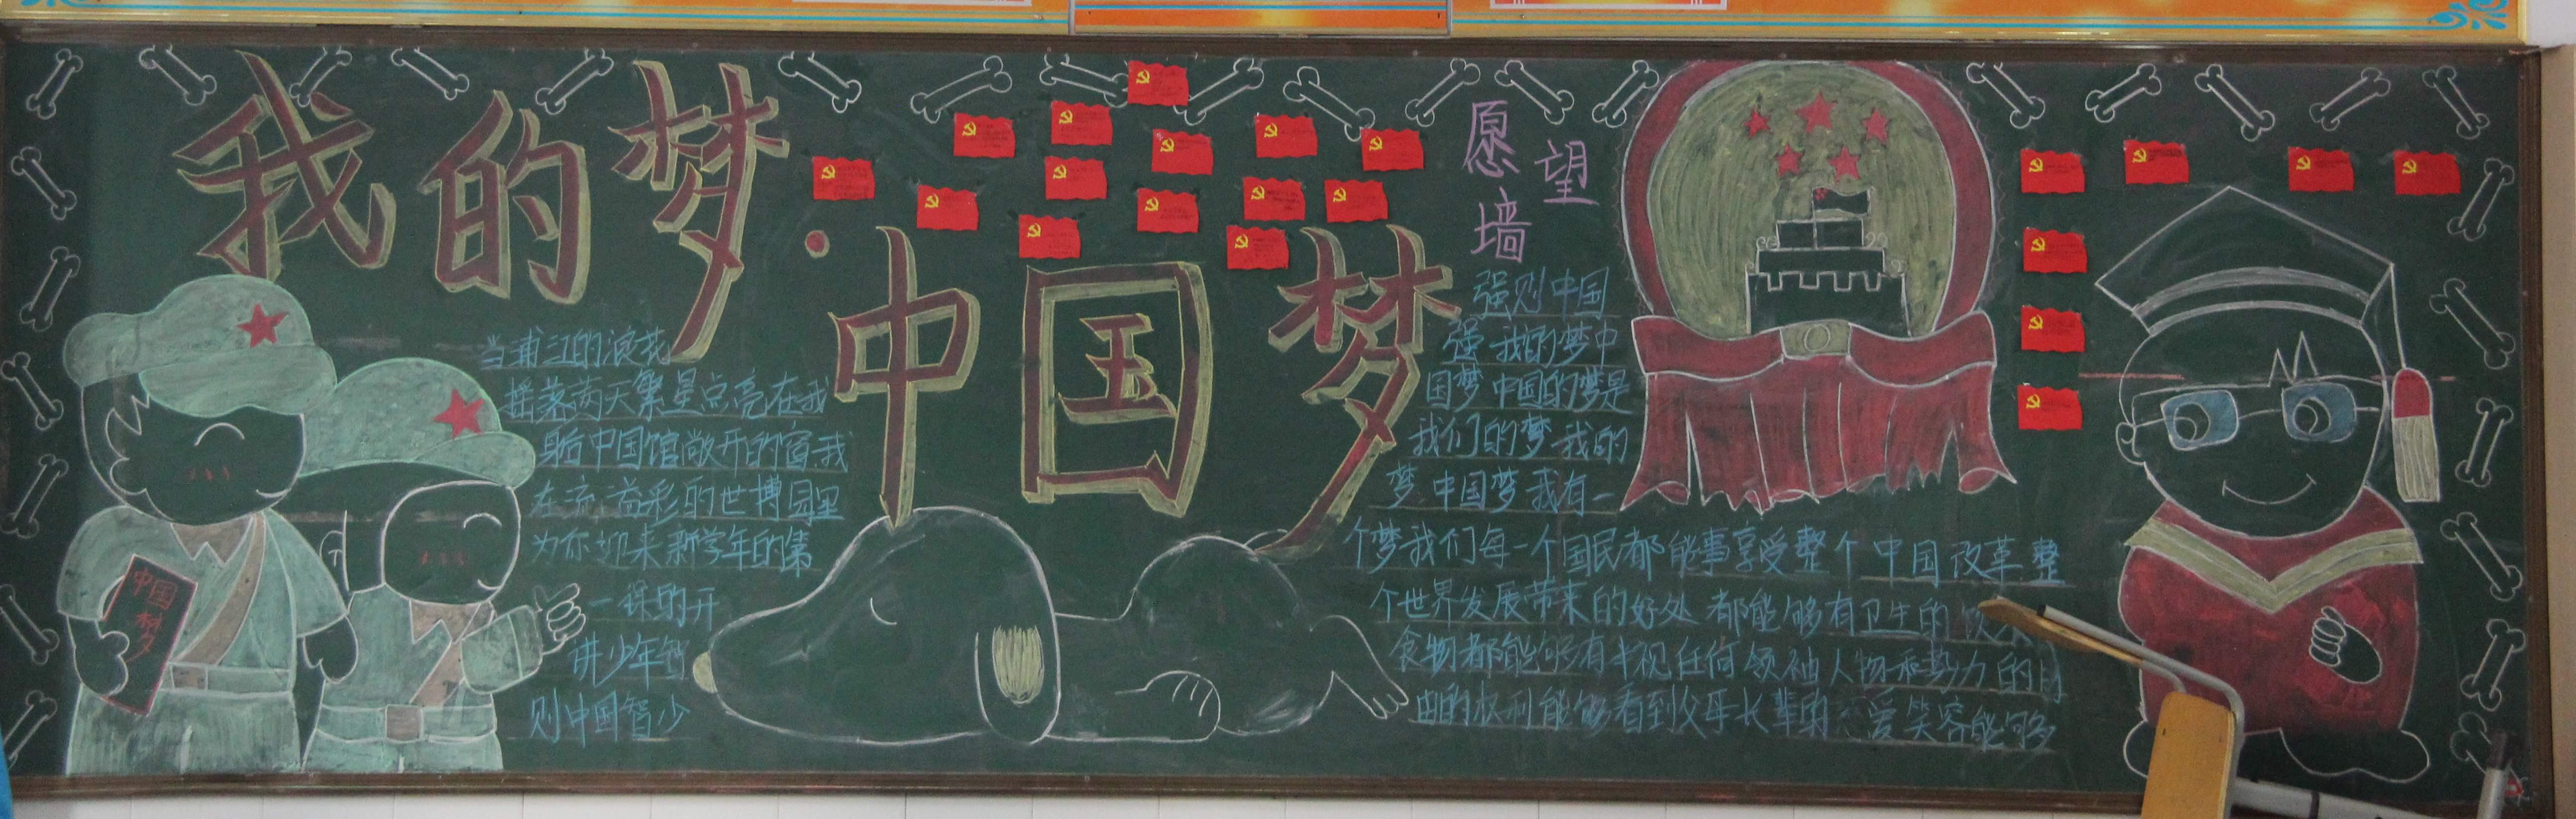 """""""我的梦中国梦""""主题板报"""